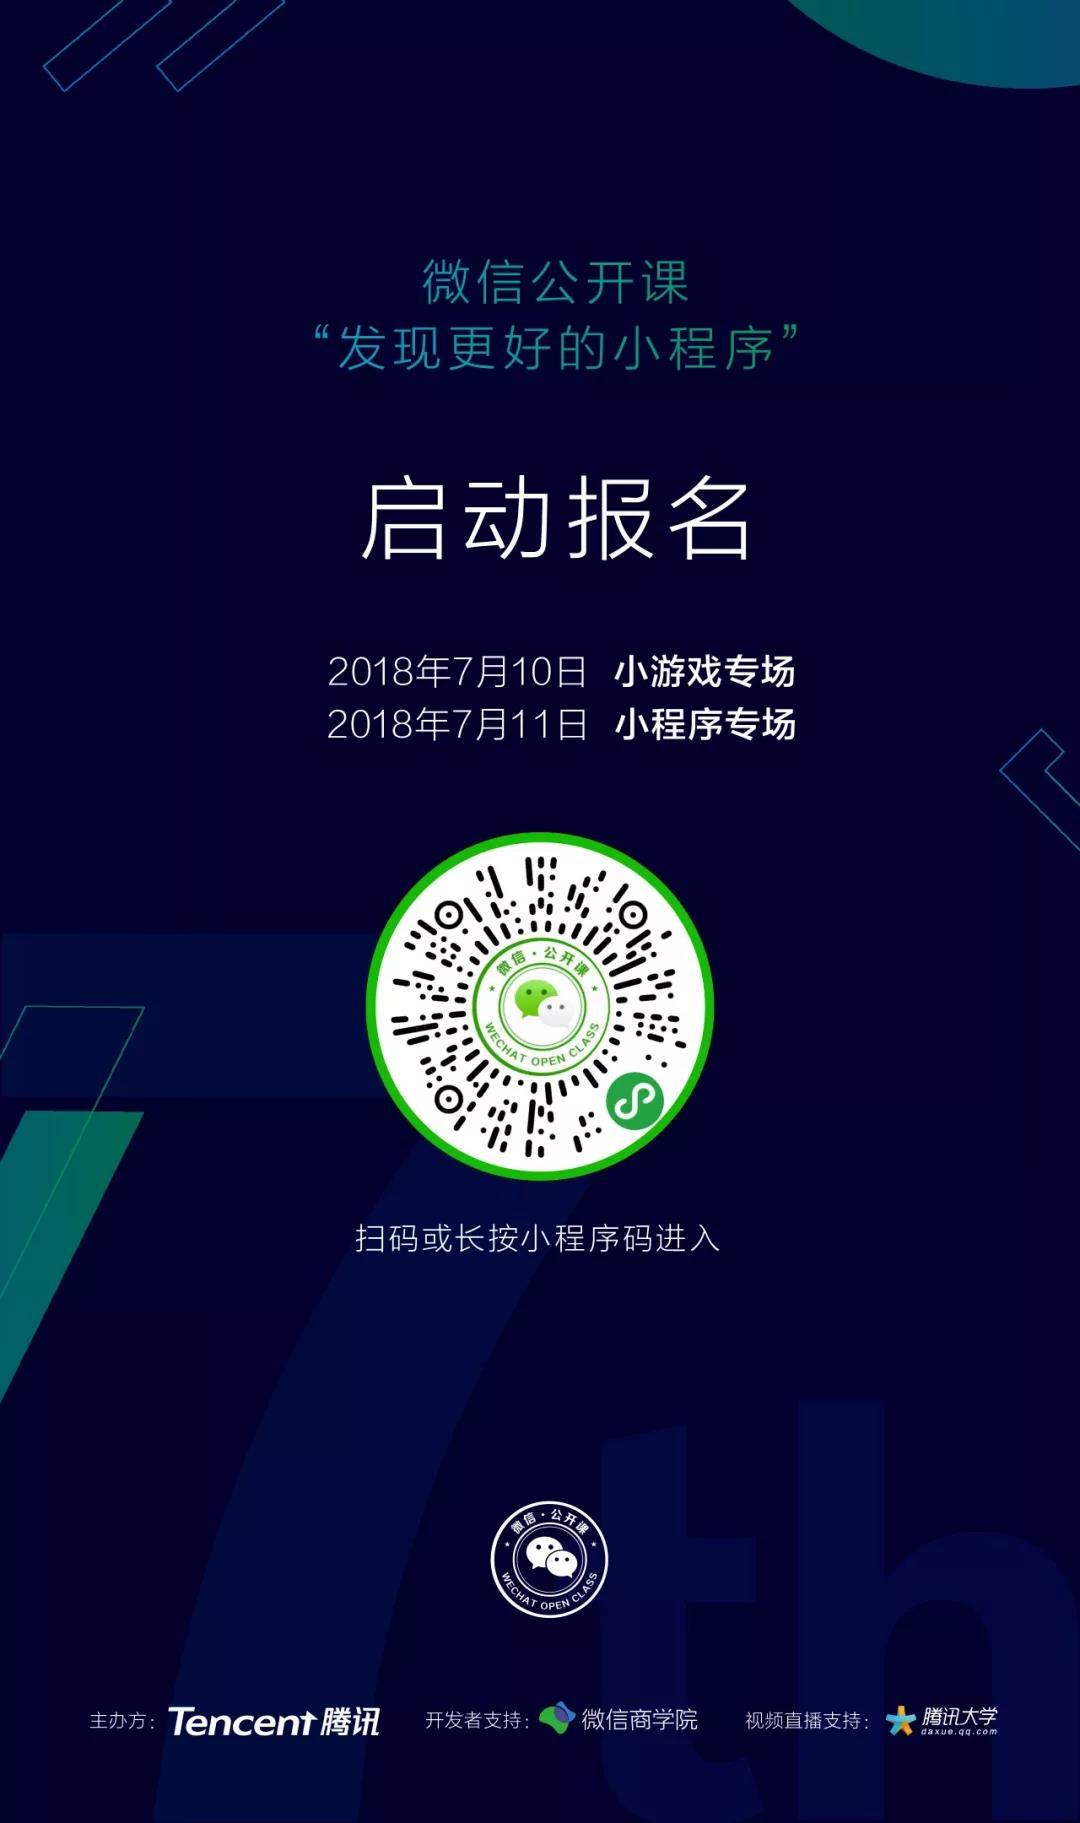 """10天后,上海,微信准备讲讲""""小程序2.0""""和小游戏"""